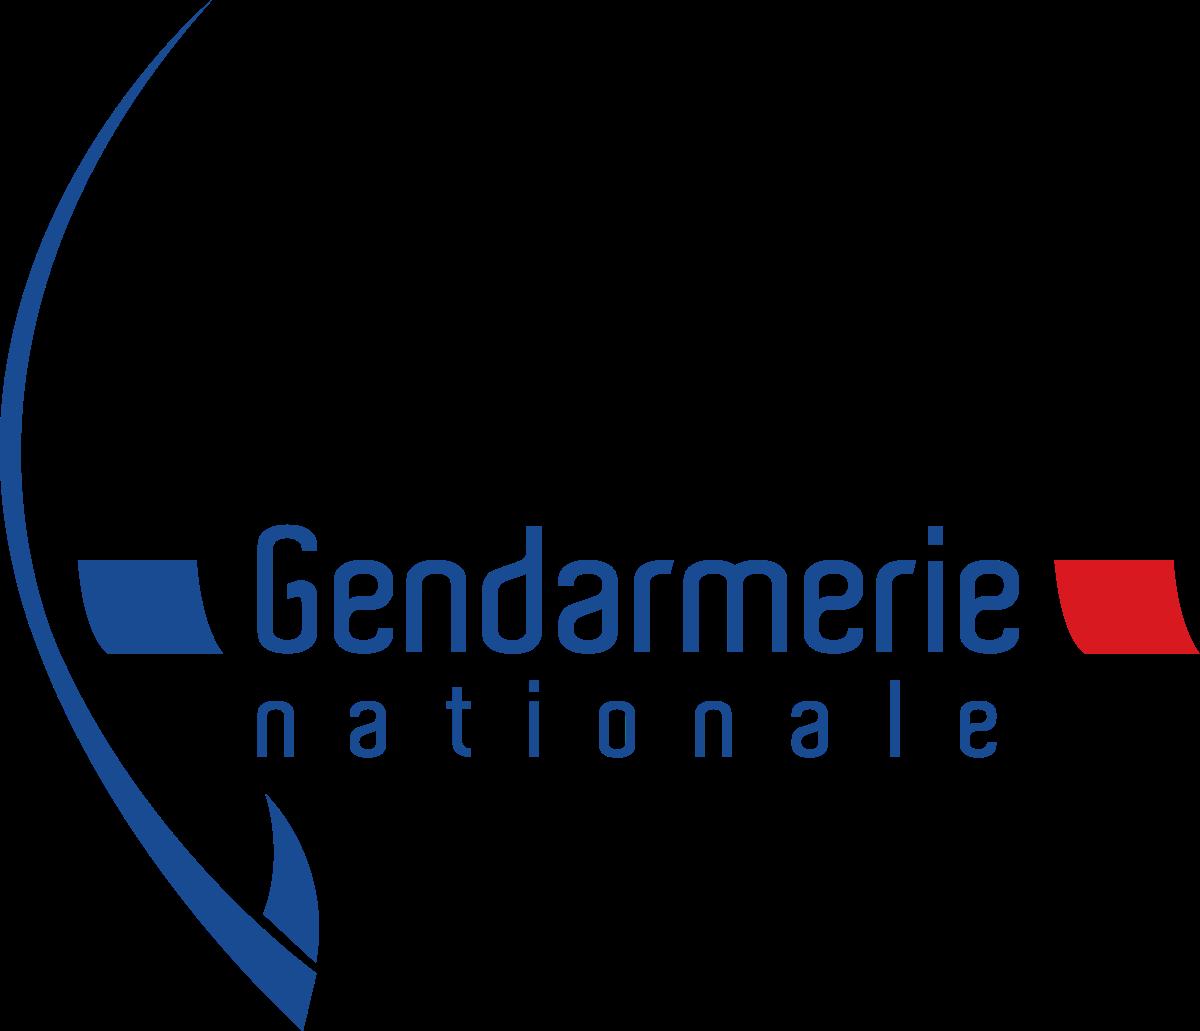 1200px-Gendarmerie_nationale_logo.svg.png